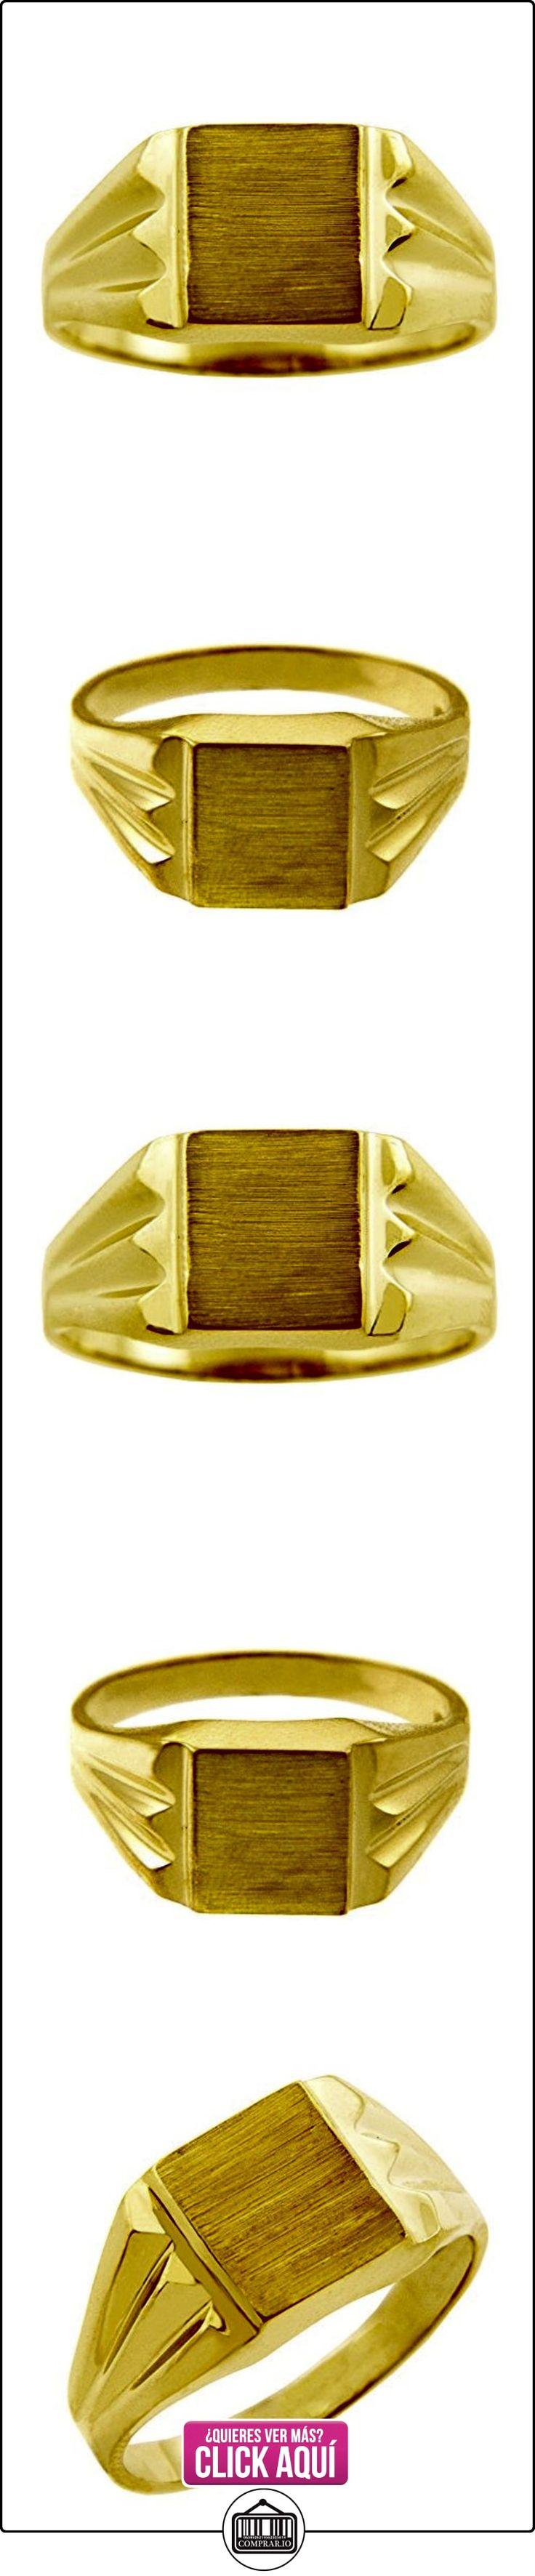 Pequeños Tesoros - Anillos Hombres Alianza De Boda 10 Kt Oro 471/1000 Sortija De sello  ✿ Joyas para hombres especiales - lujo ✿ ▬► Ver oferta: https://comprar.io/goto/B01277Q4EY